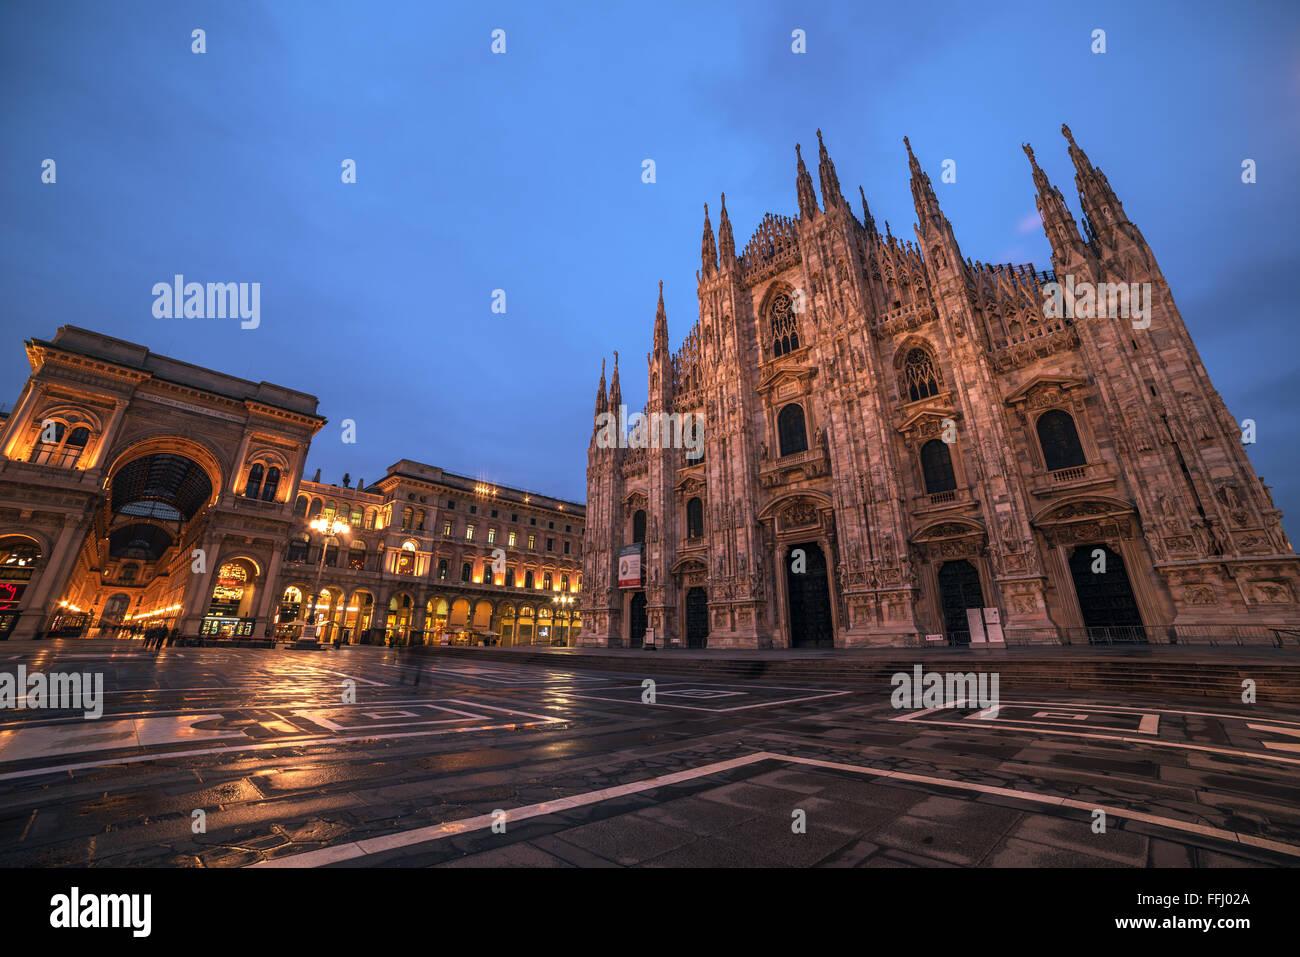 Milano, Italia: Piazza del Duomo, Piazza del Duomo Immagini Stock